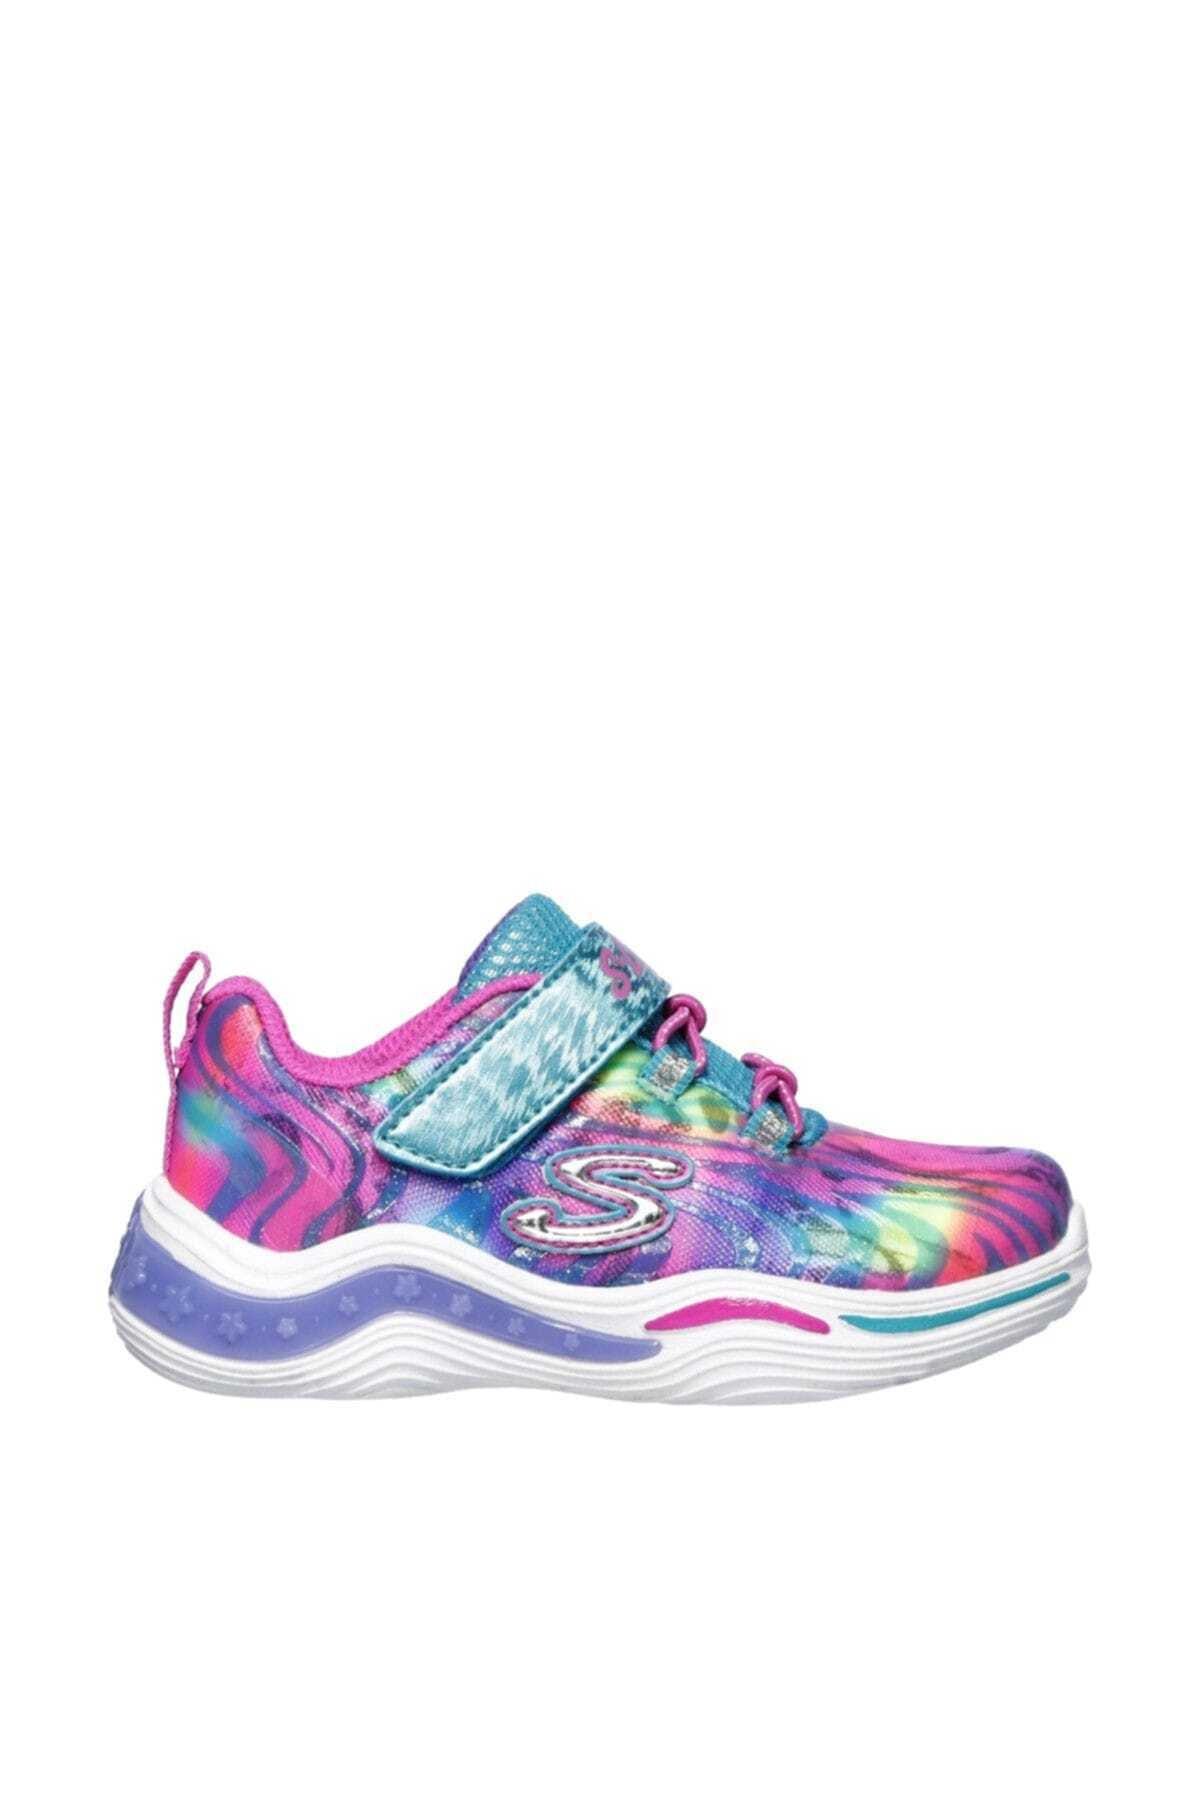 SKECHERS KIDS POWER PETALS-FLOWERSPARK Küçük Kız Çocuk Çok Renkli Spor Ayakkabı 1